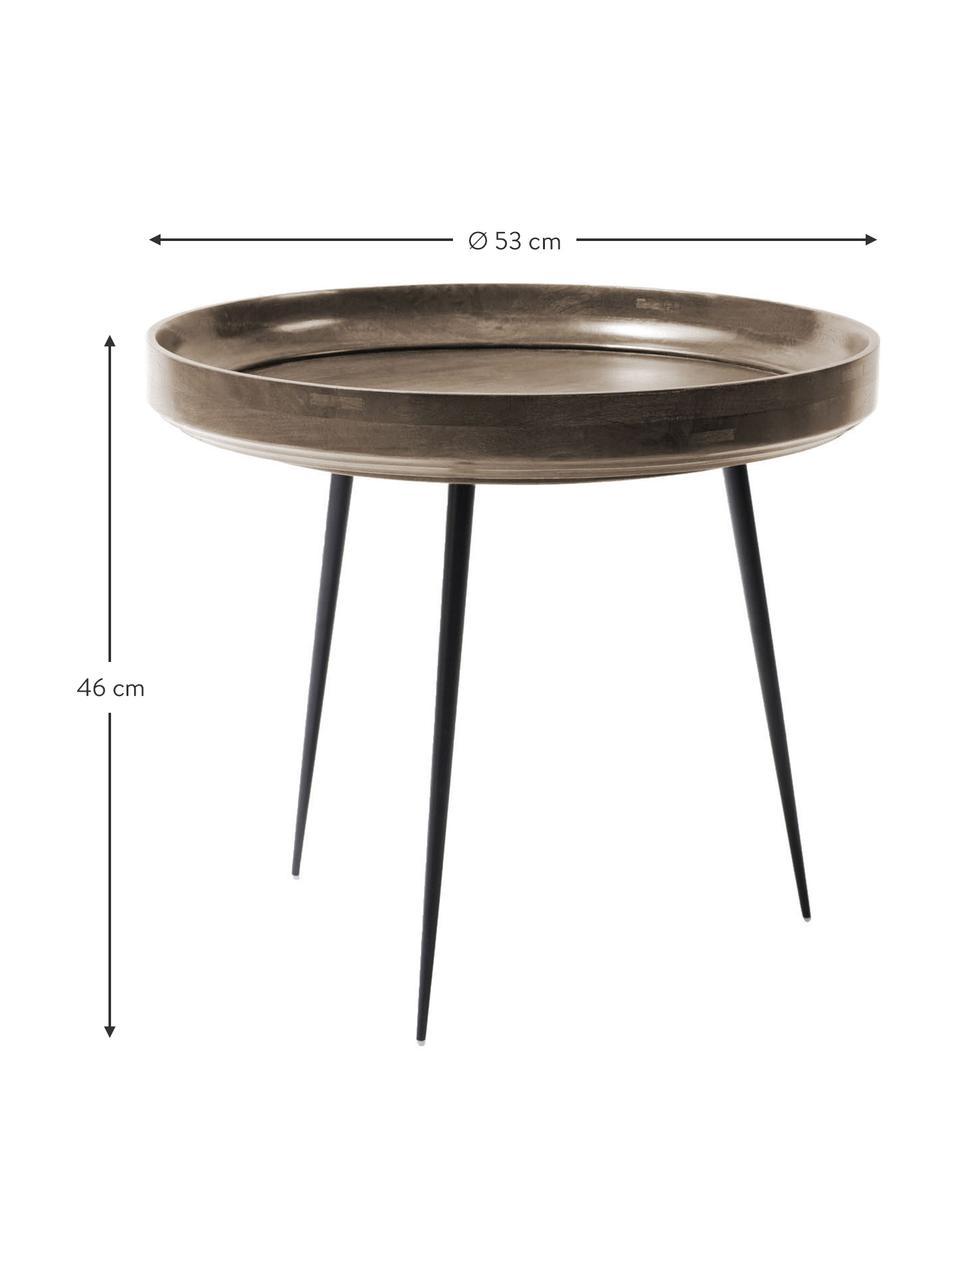 Tavolino di design in legno di mango Bowl Table, Piano d'appoggio: legno di mango, verniciat, Gambe: acciaio, verniciato a pol, Grigio scuro, nero, Ø 53 x Alt. 46 cm